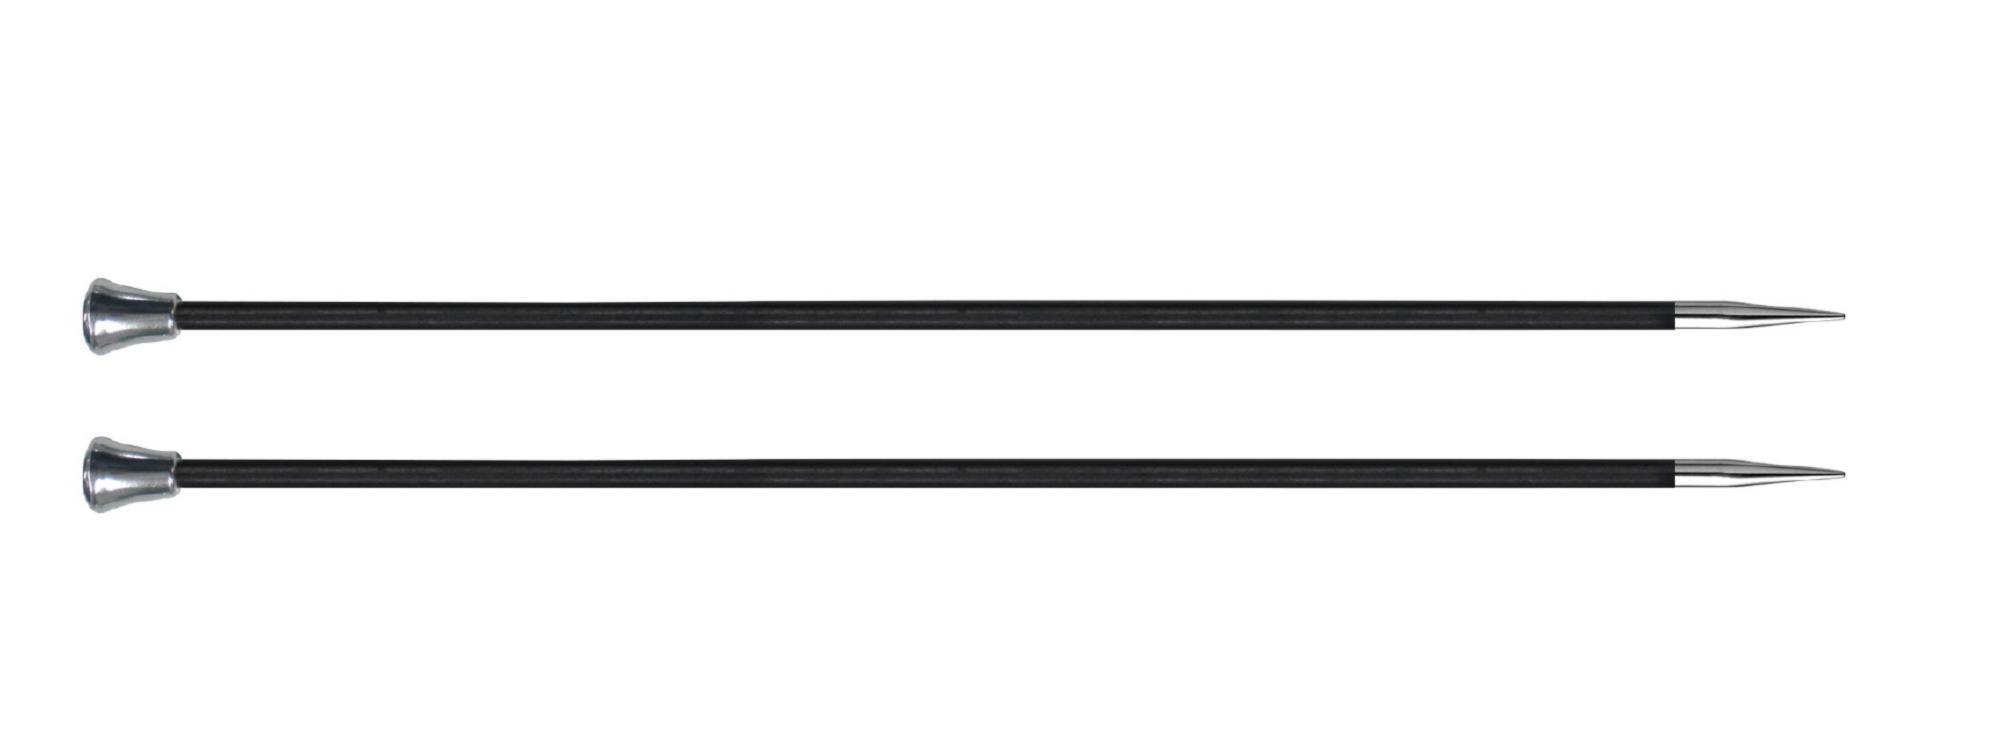 Спицы прямые 25 см Karbonz KnitPro, 41256, 3.50 мм